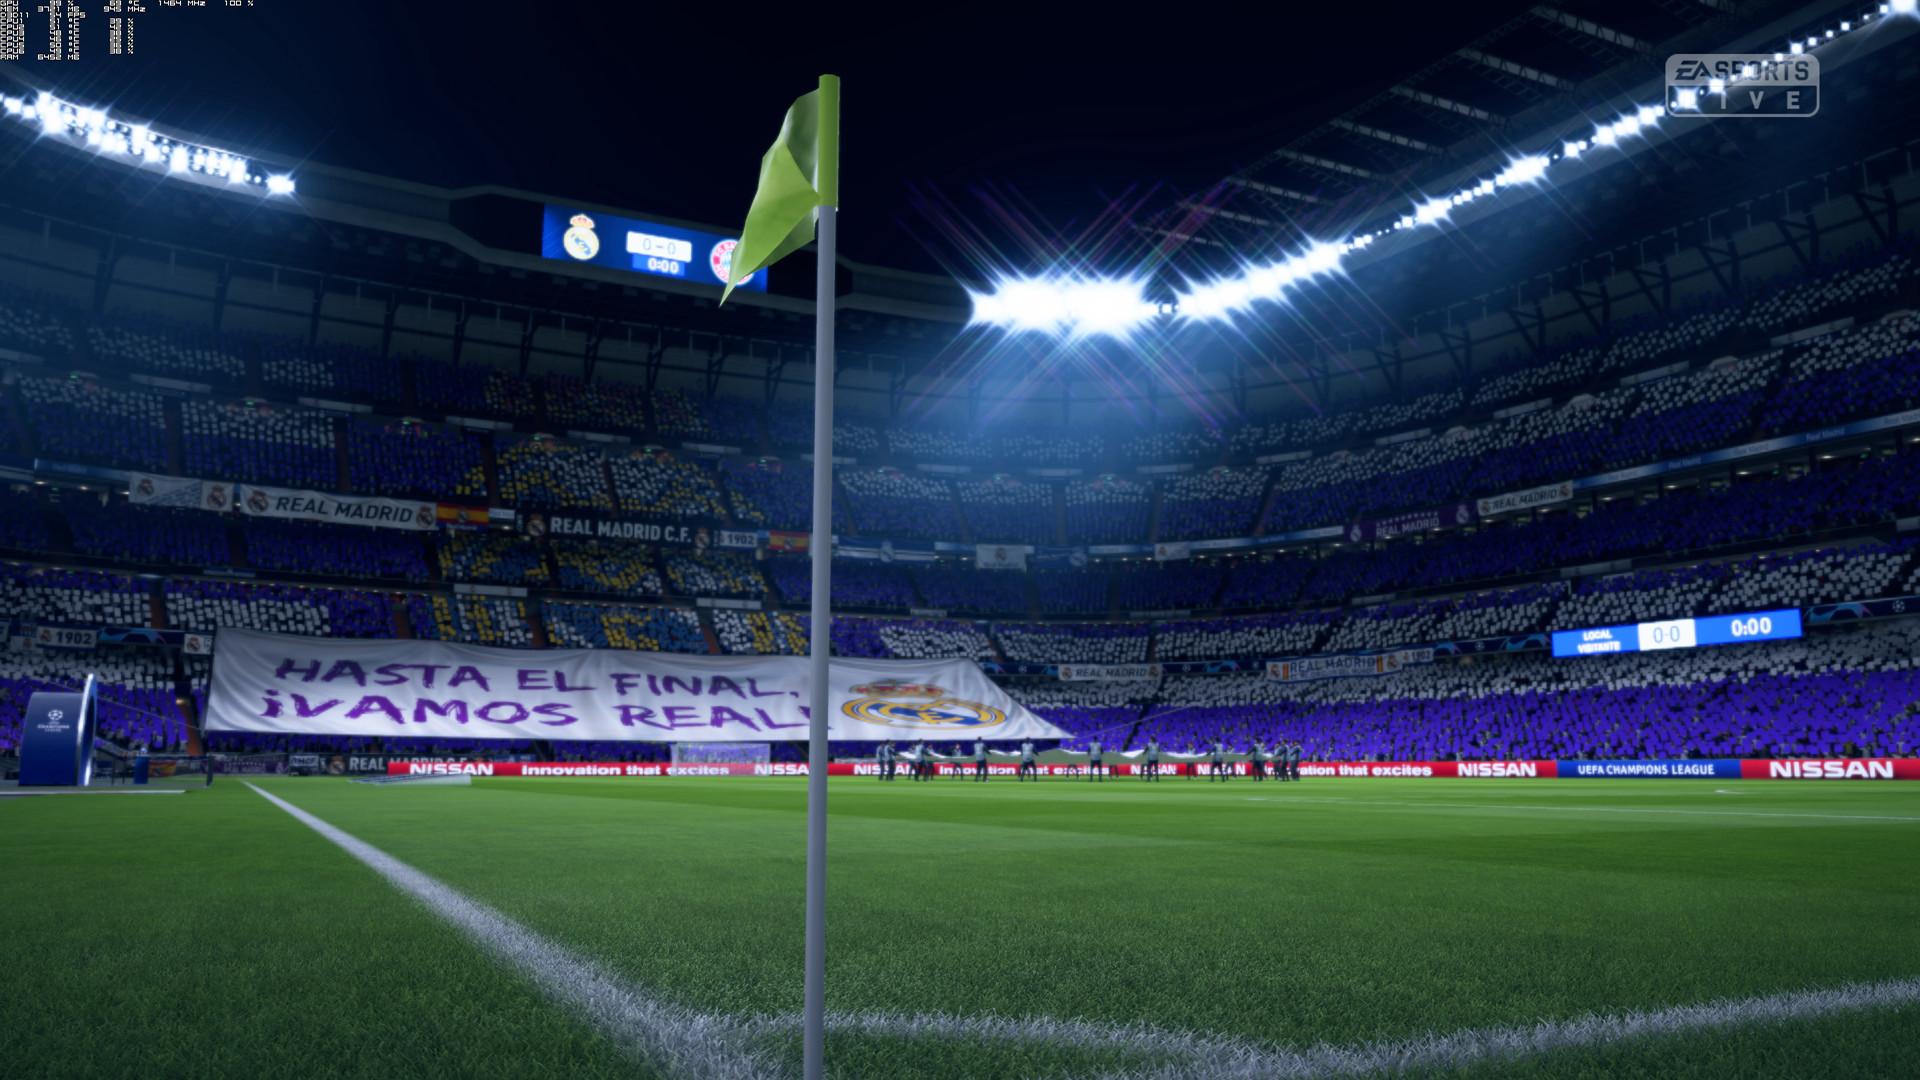 《FIFA 19》试玩版高清截图欣赏